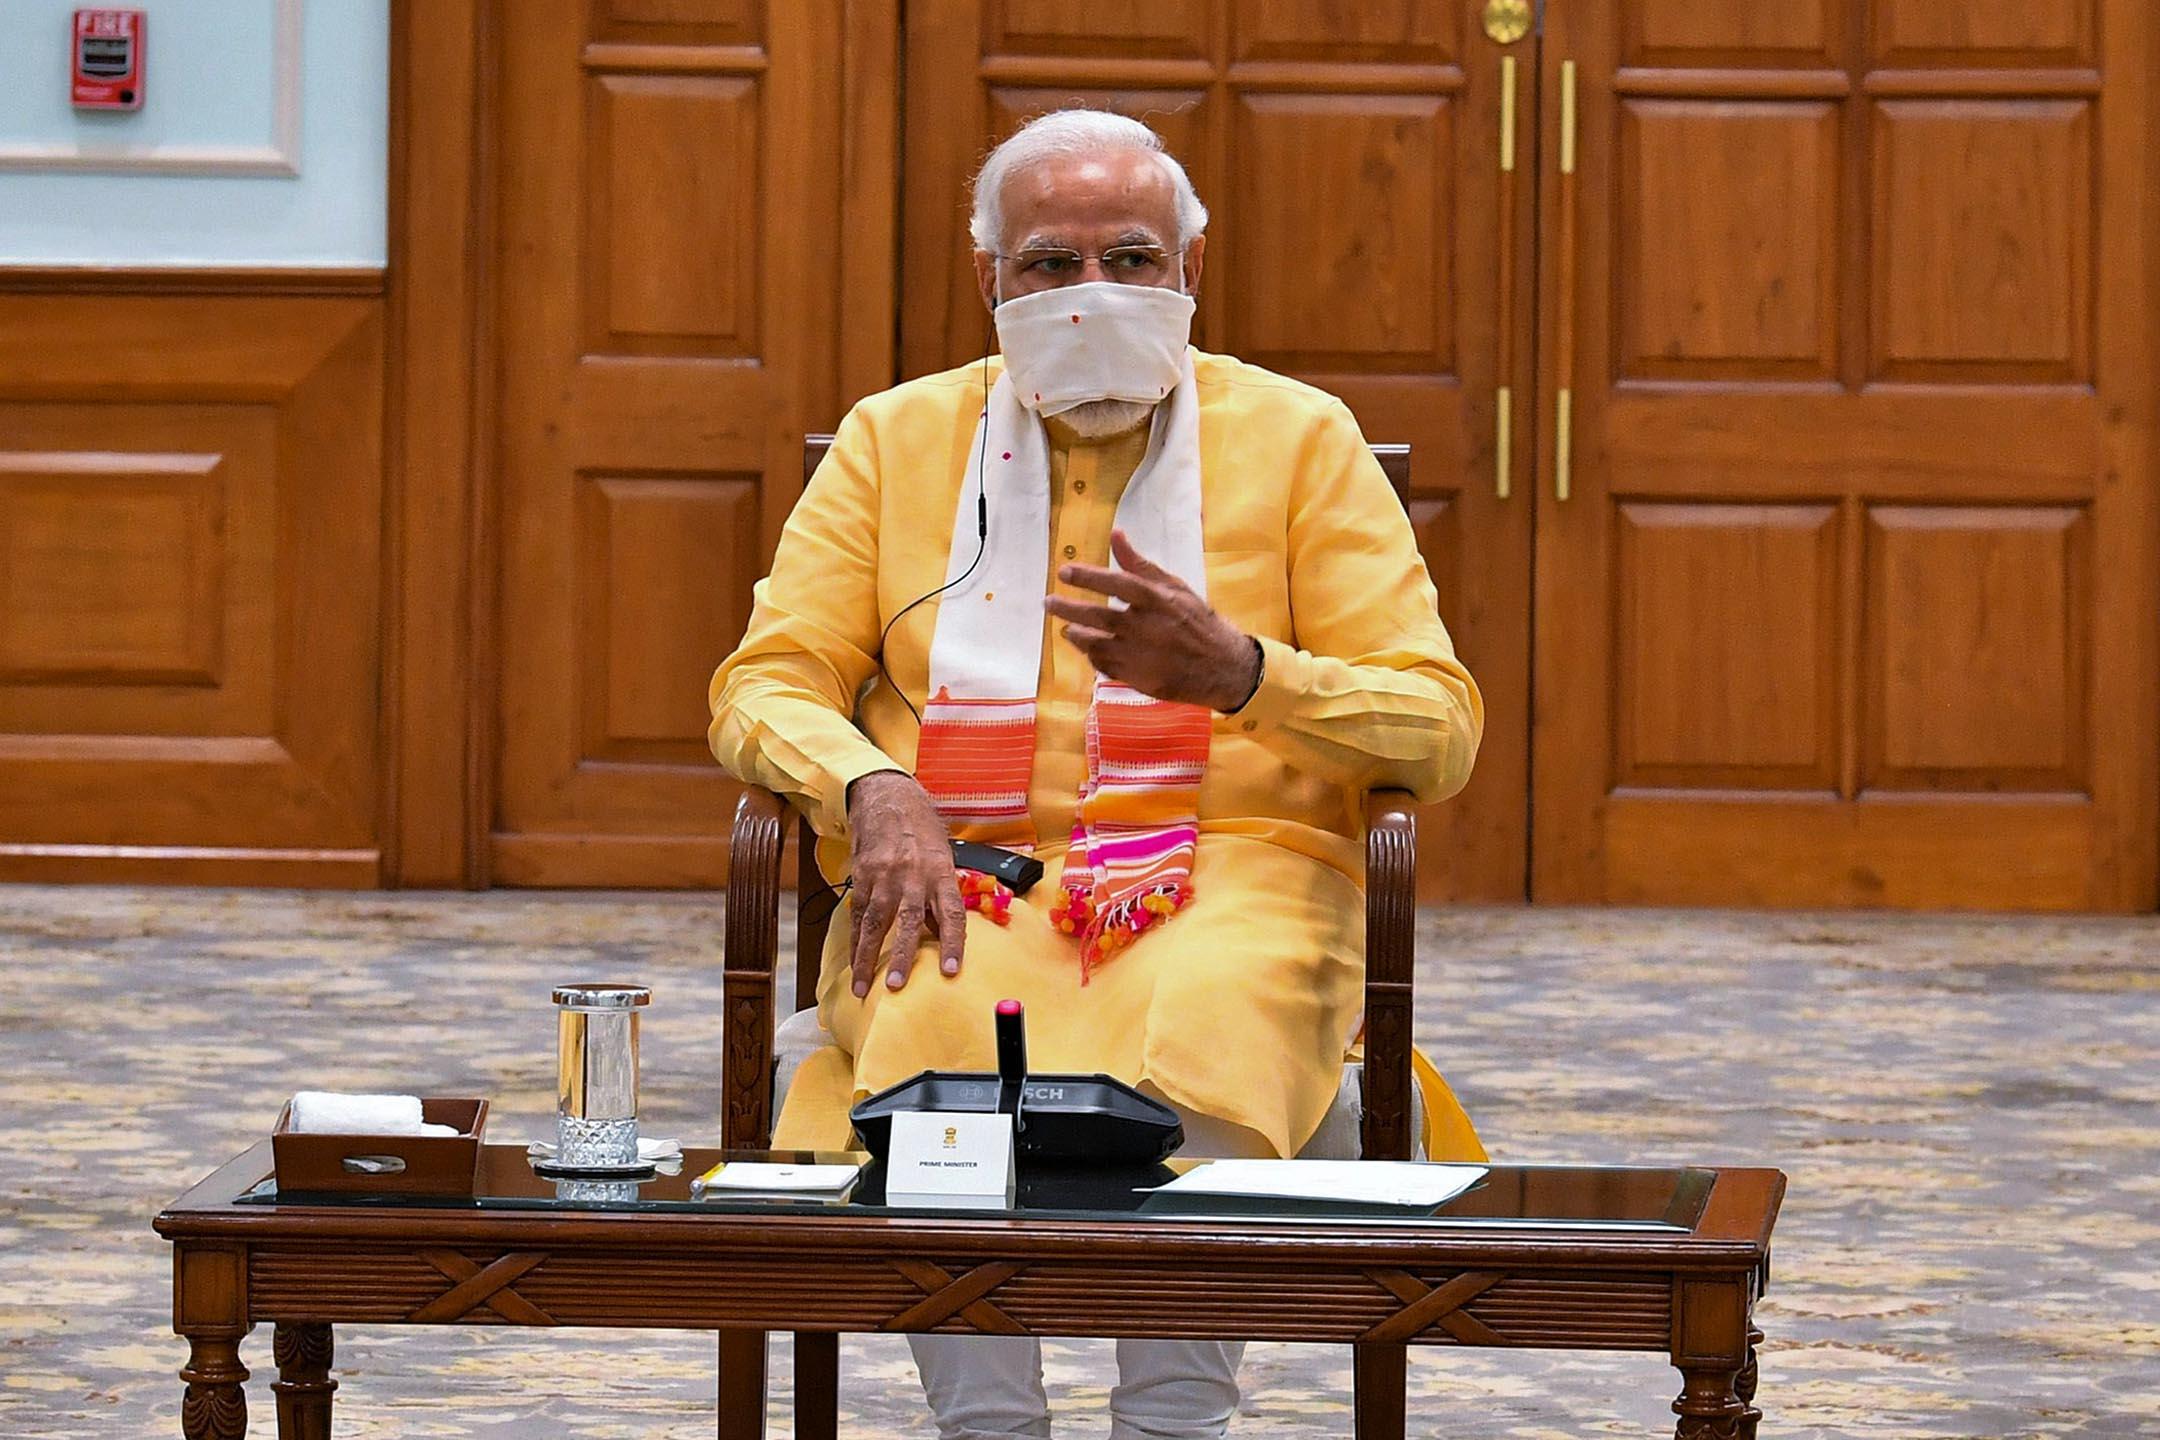 2020年5月7日印度新德里,印度總理莫迪戴口罩主持會議。